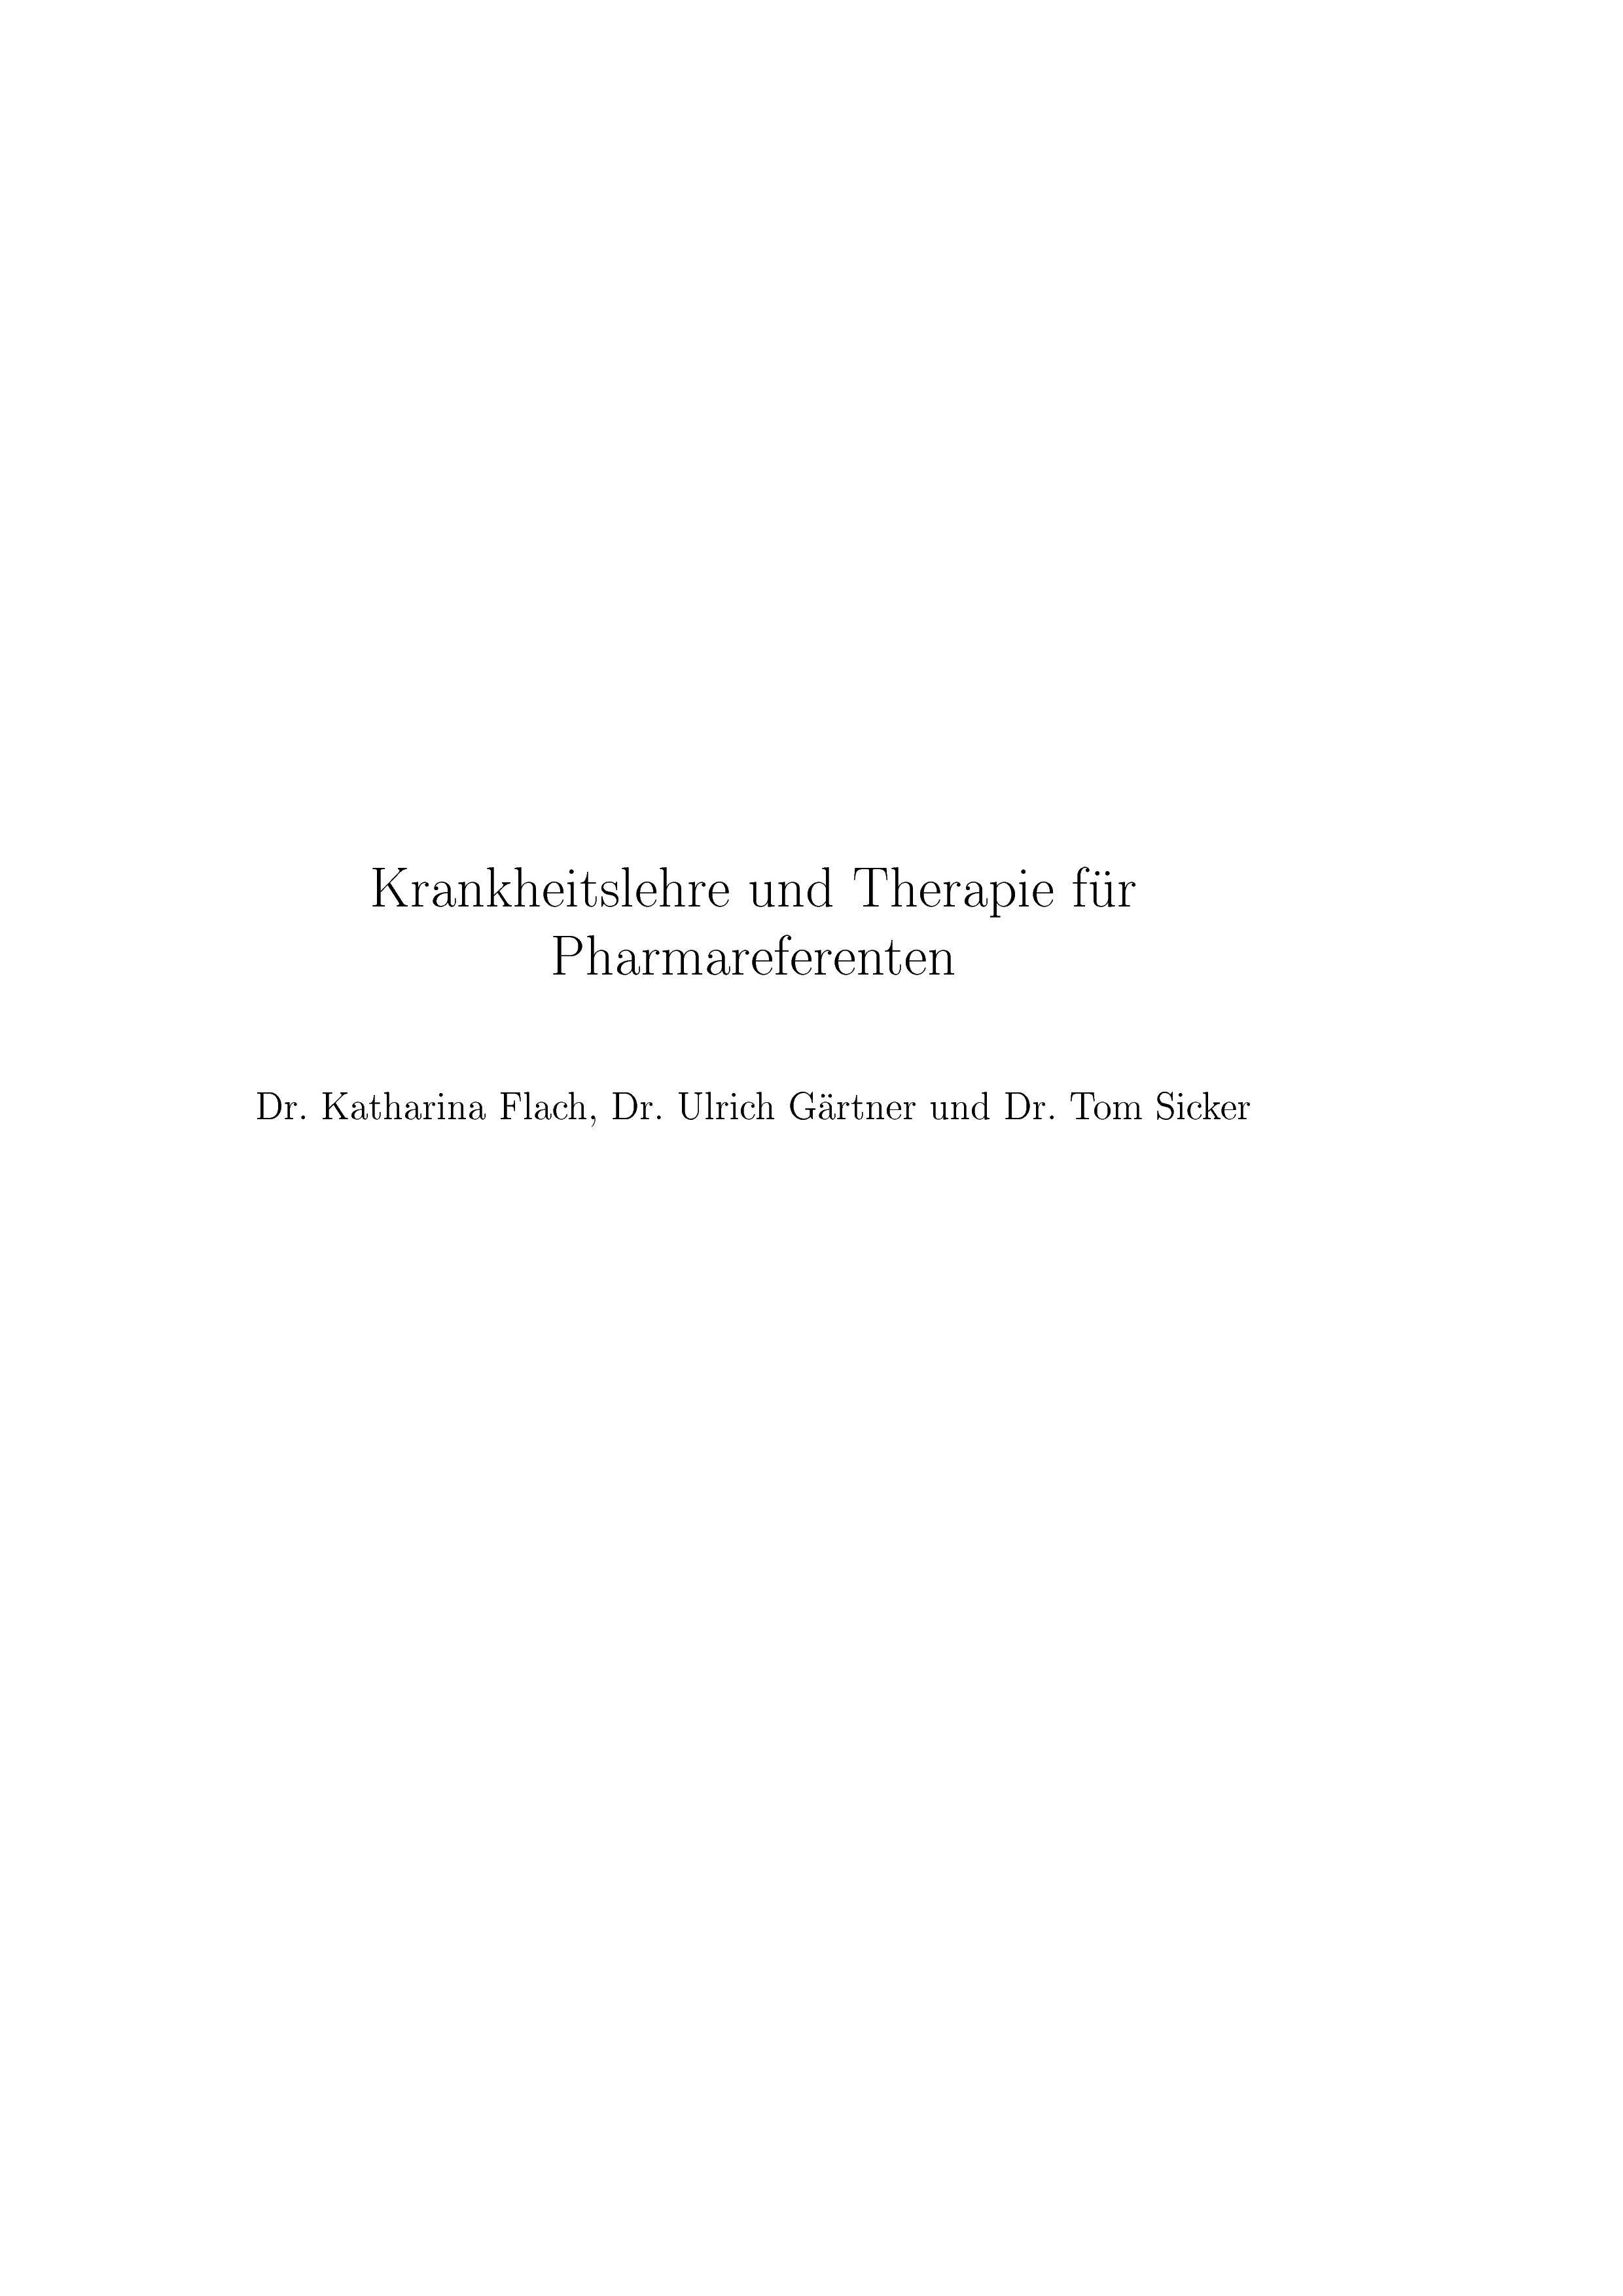 Krankheitslehre und Therapie für Pharmareferenten von Flach, Katharin